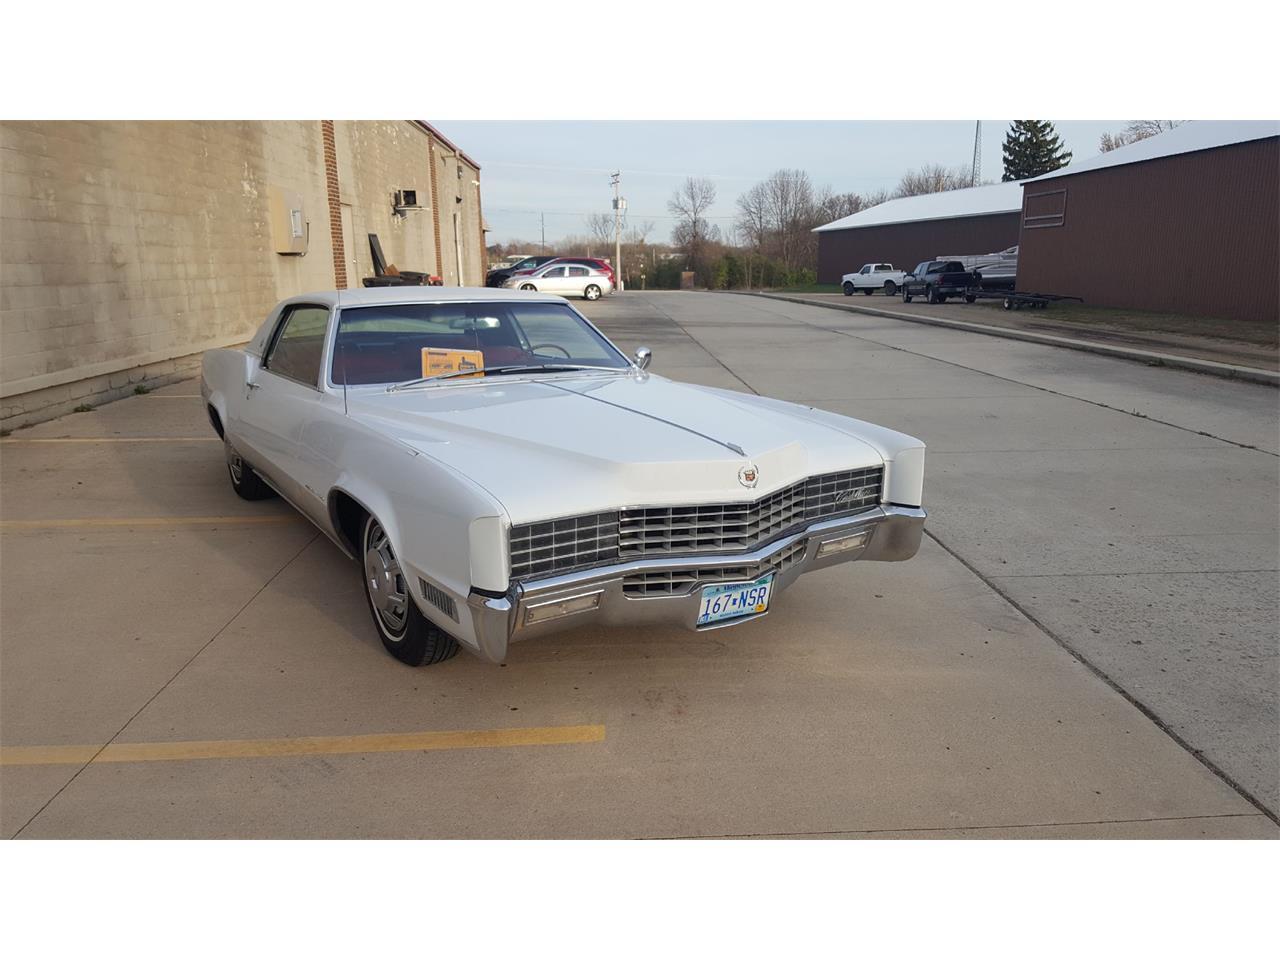 1967 Cadillac Eldorado (CC-1035968) for sale in Annandale, Minnesota